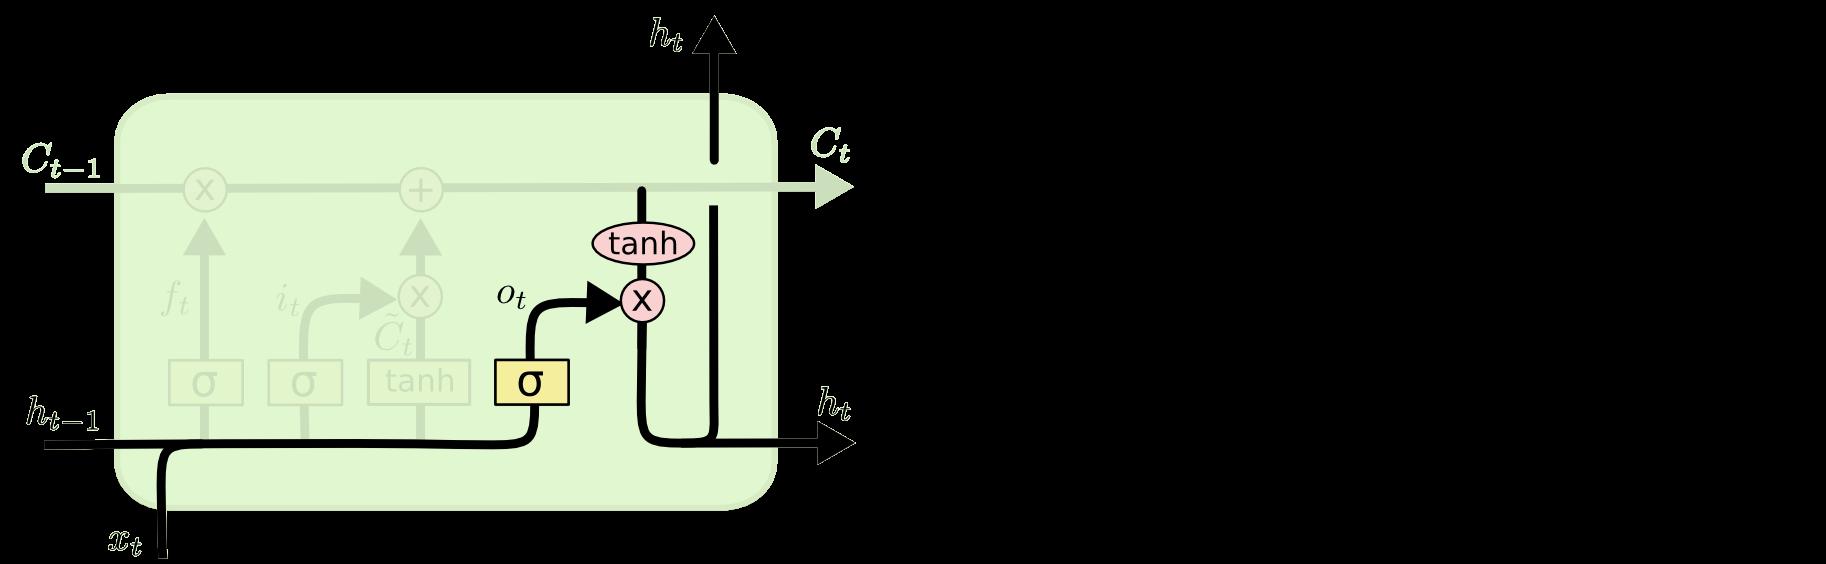 LSTM – сети долгой краткосрочной памяти - 26